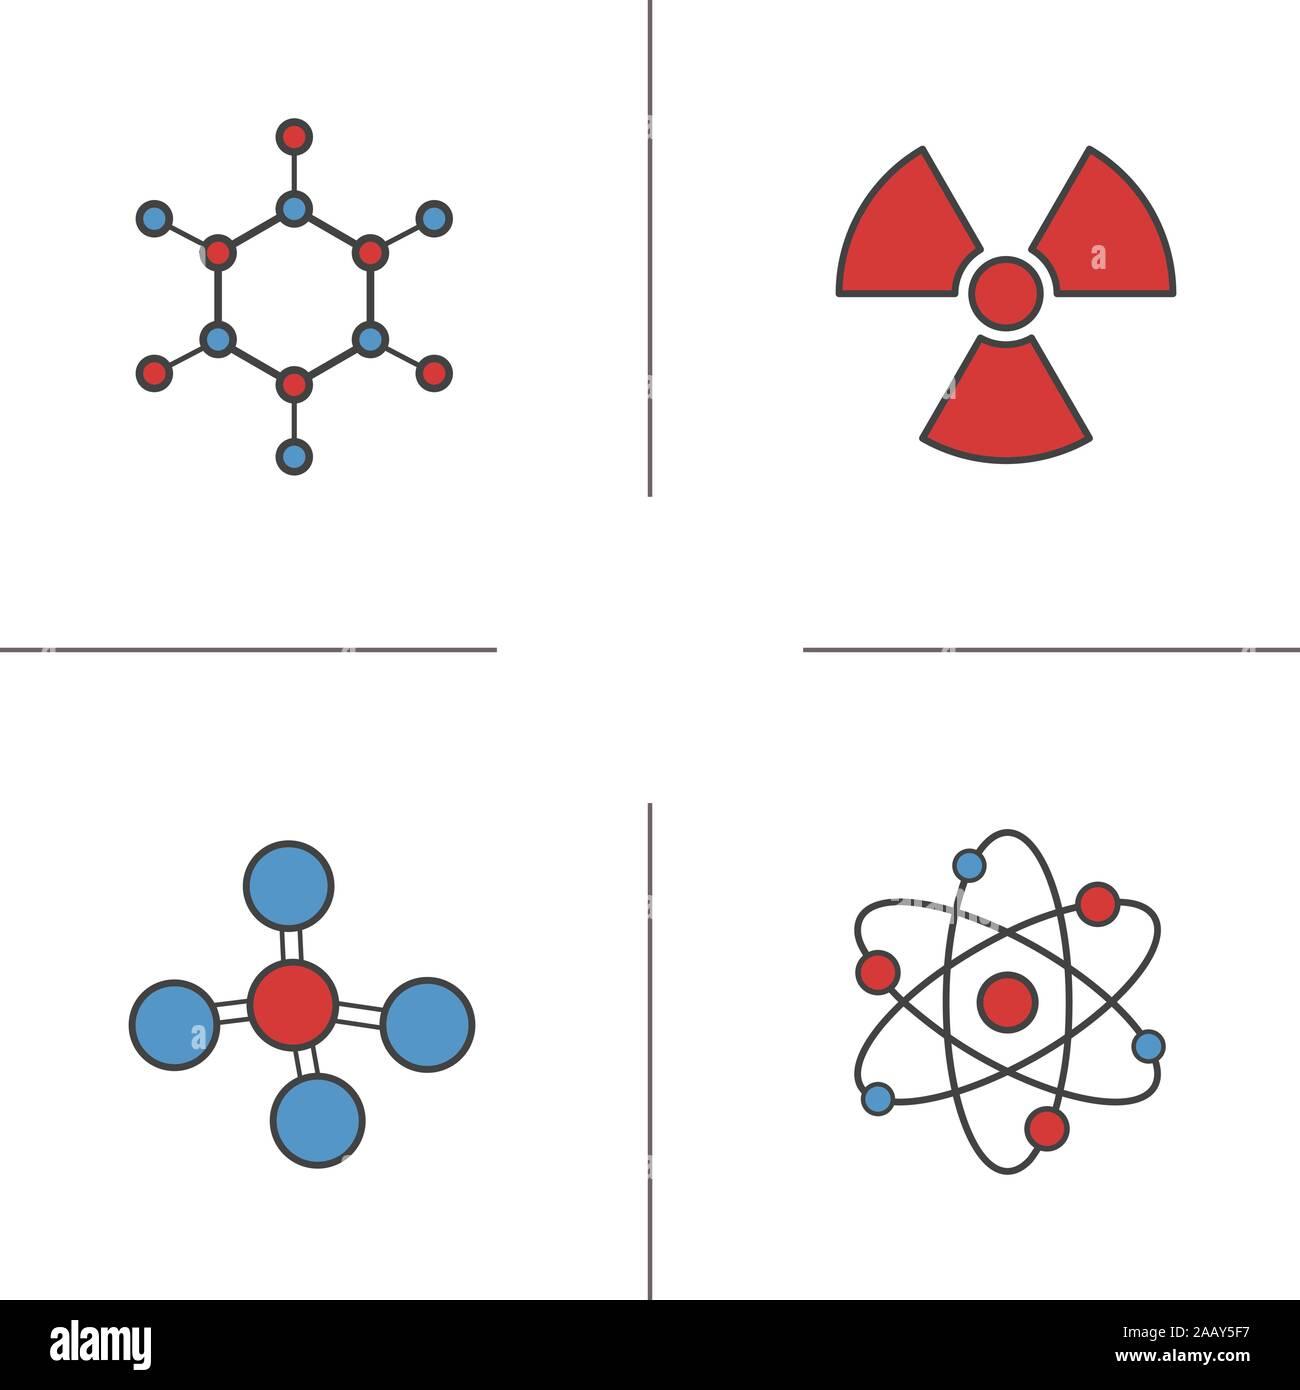 Iconos De Color De Química Y Física átomo Molécula